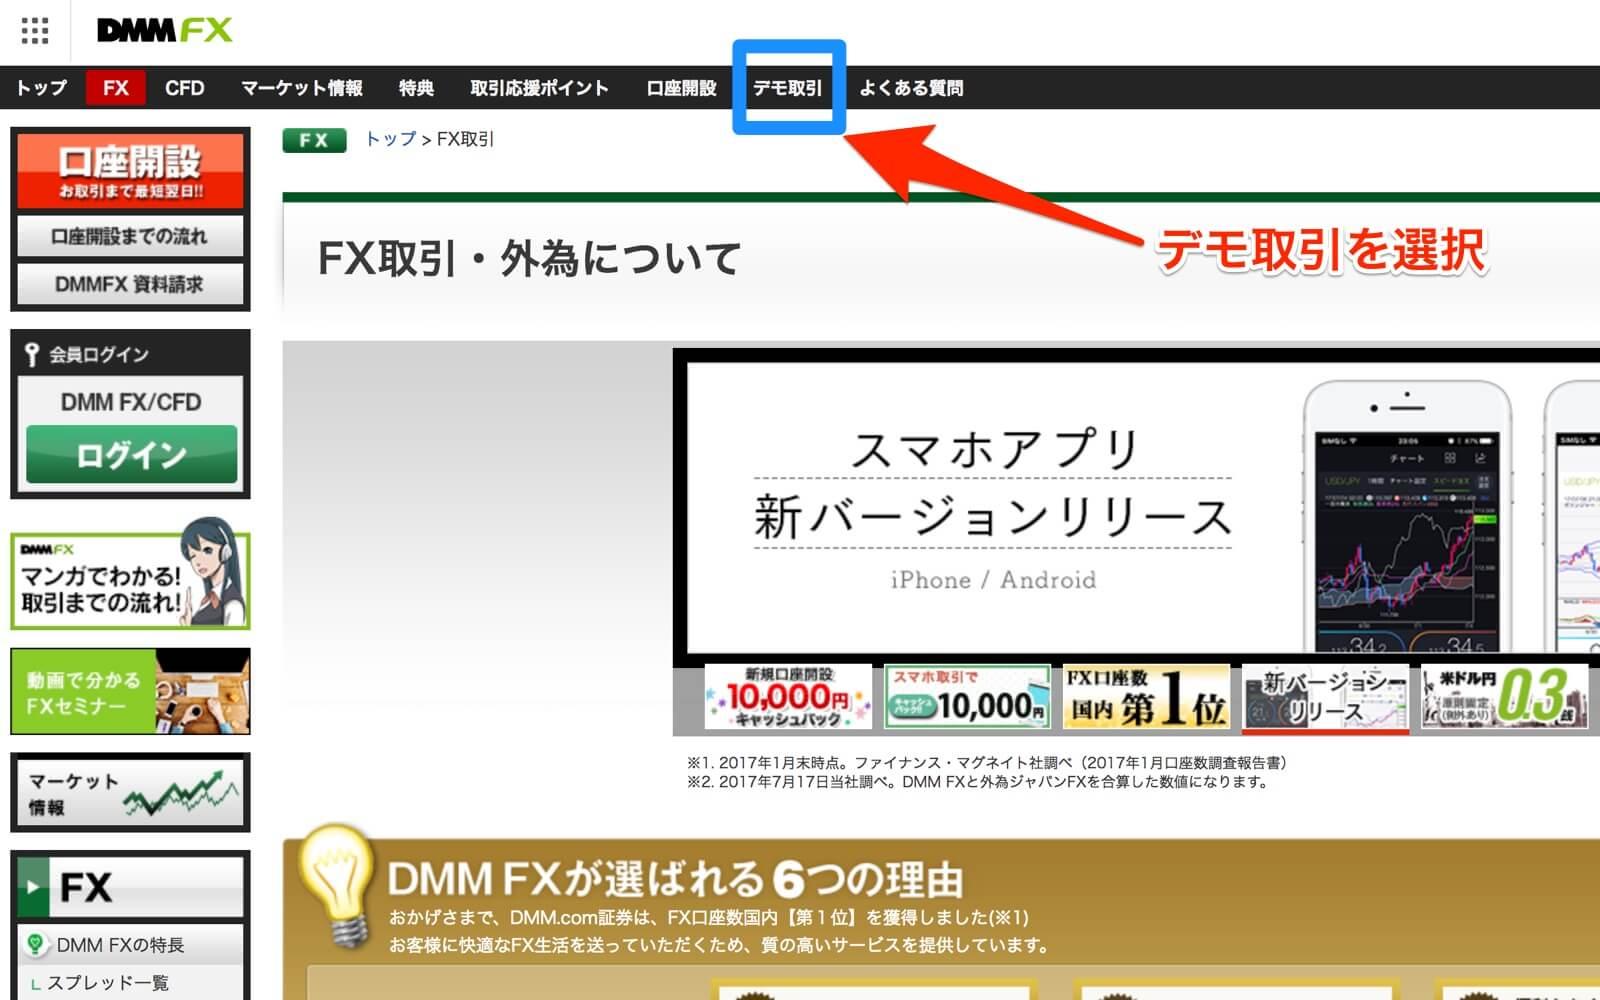 DMMFXのトップページ